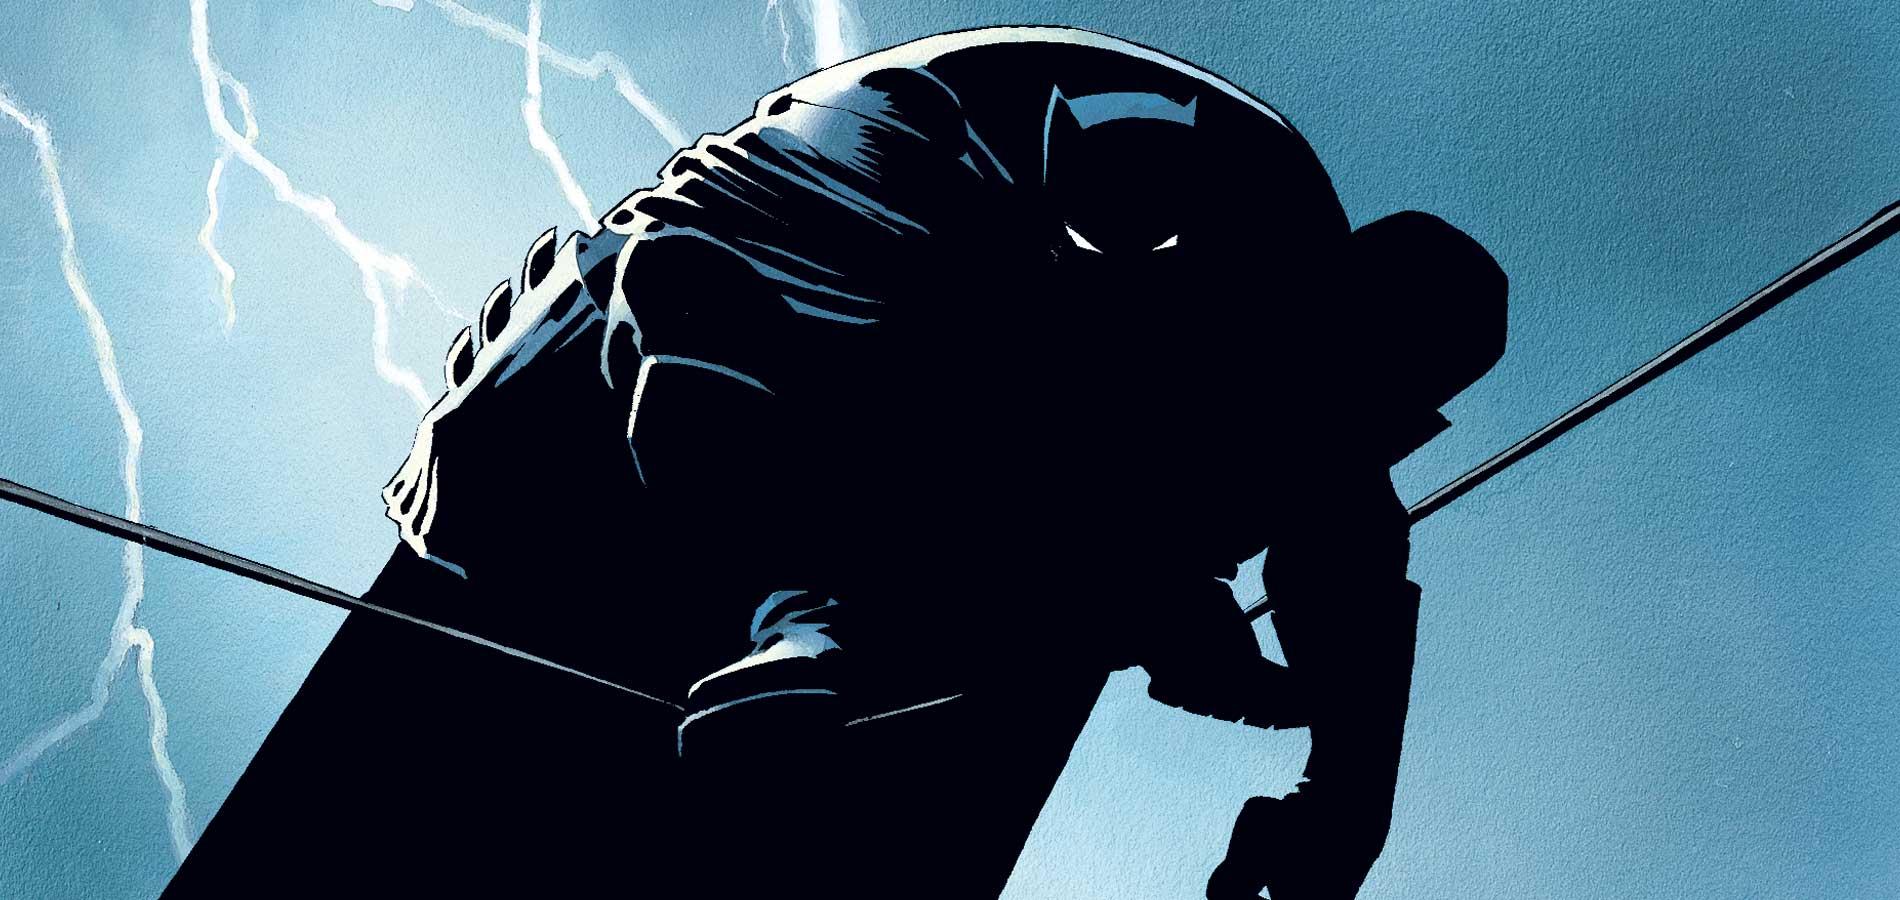 1900x900 > Batman: The Dark Knight Returns Wallpapers